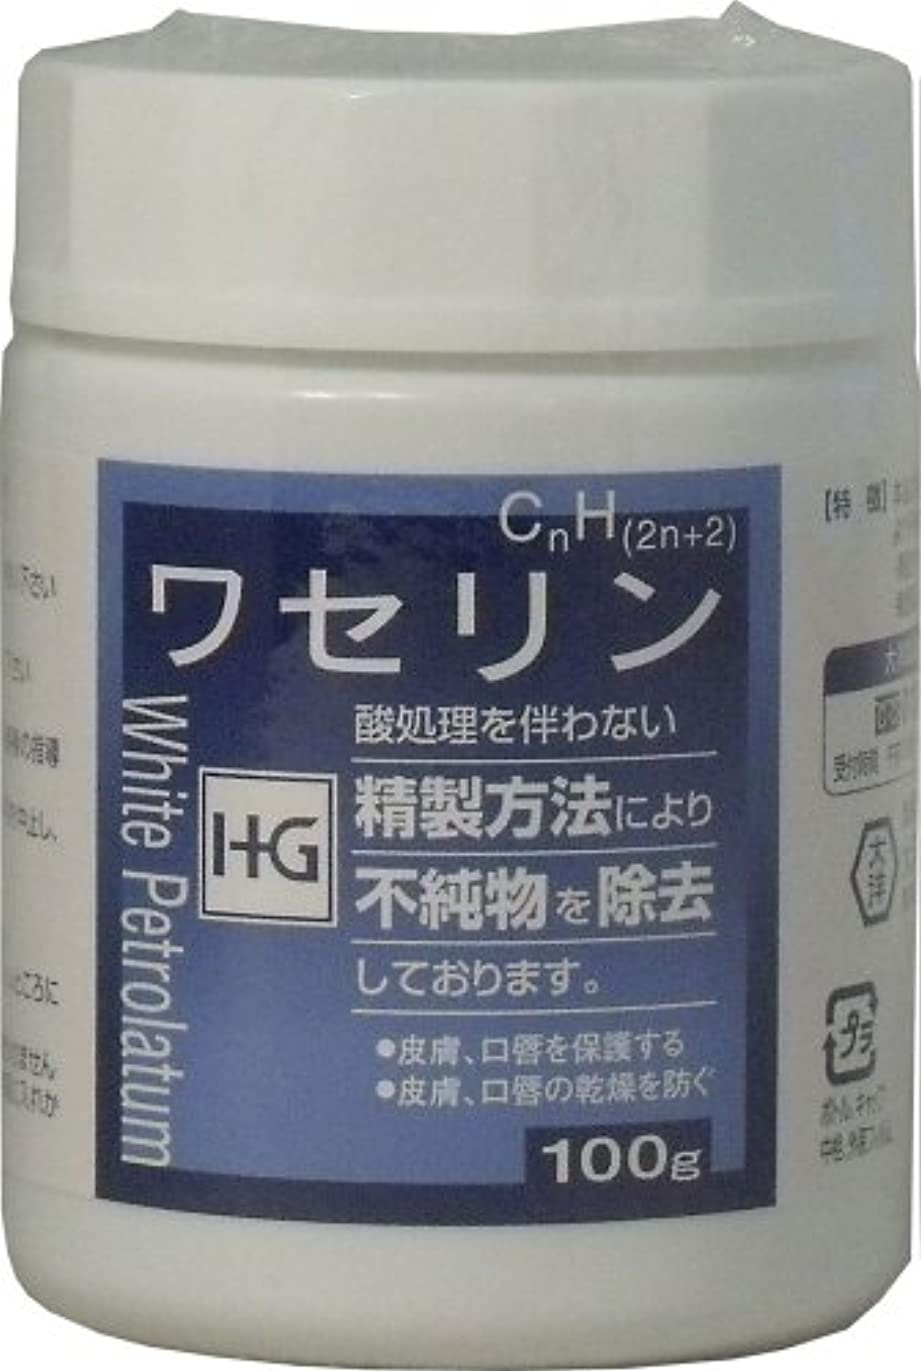 フクロウ鉱石トランスミッション皮膚保護 ワセリンHG 100g